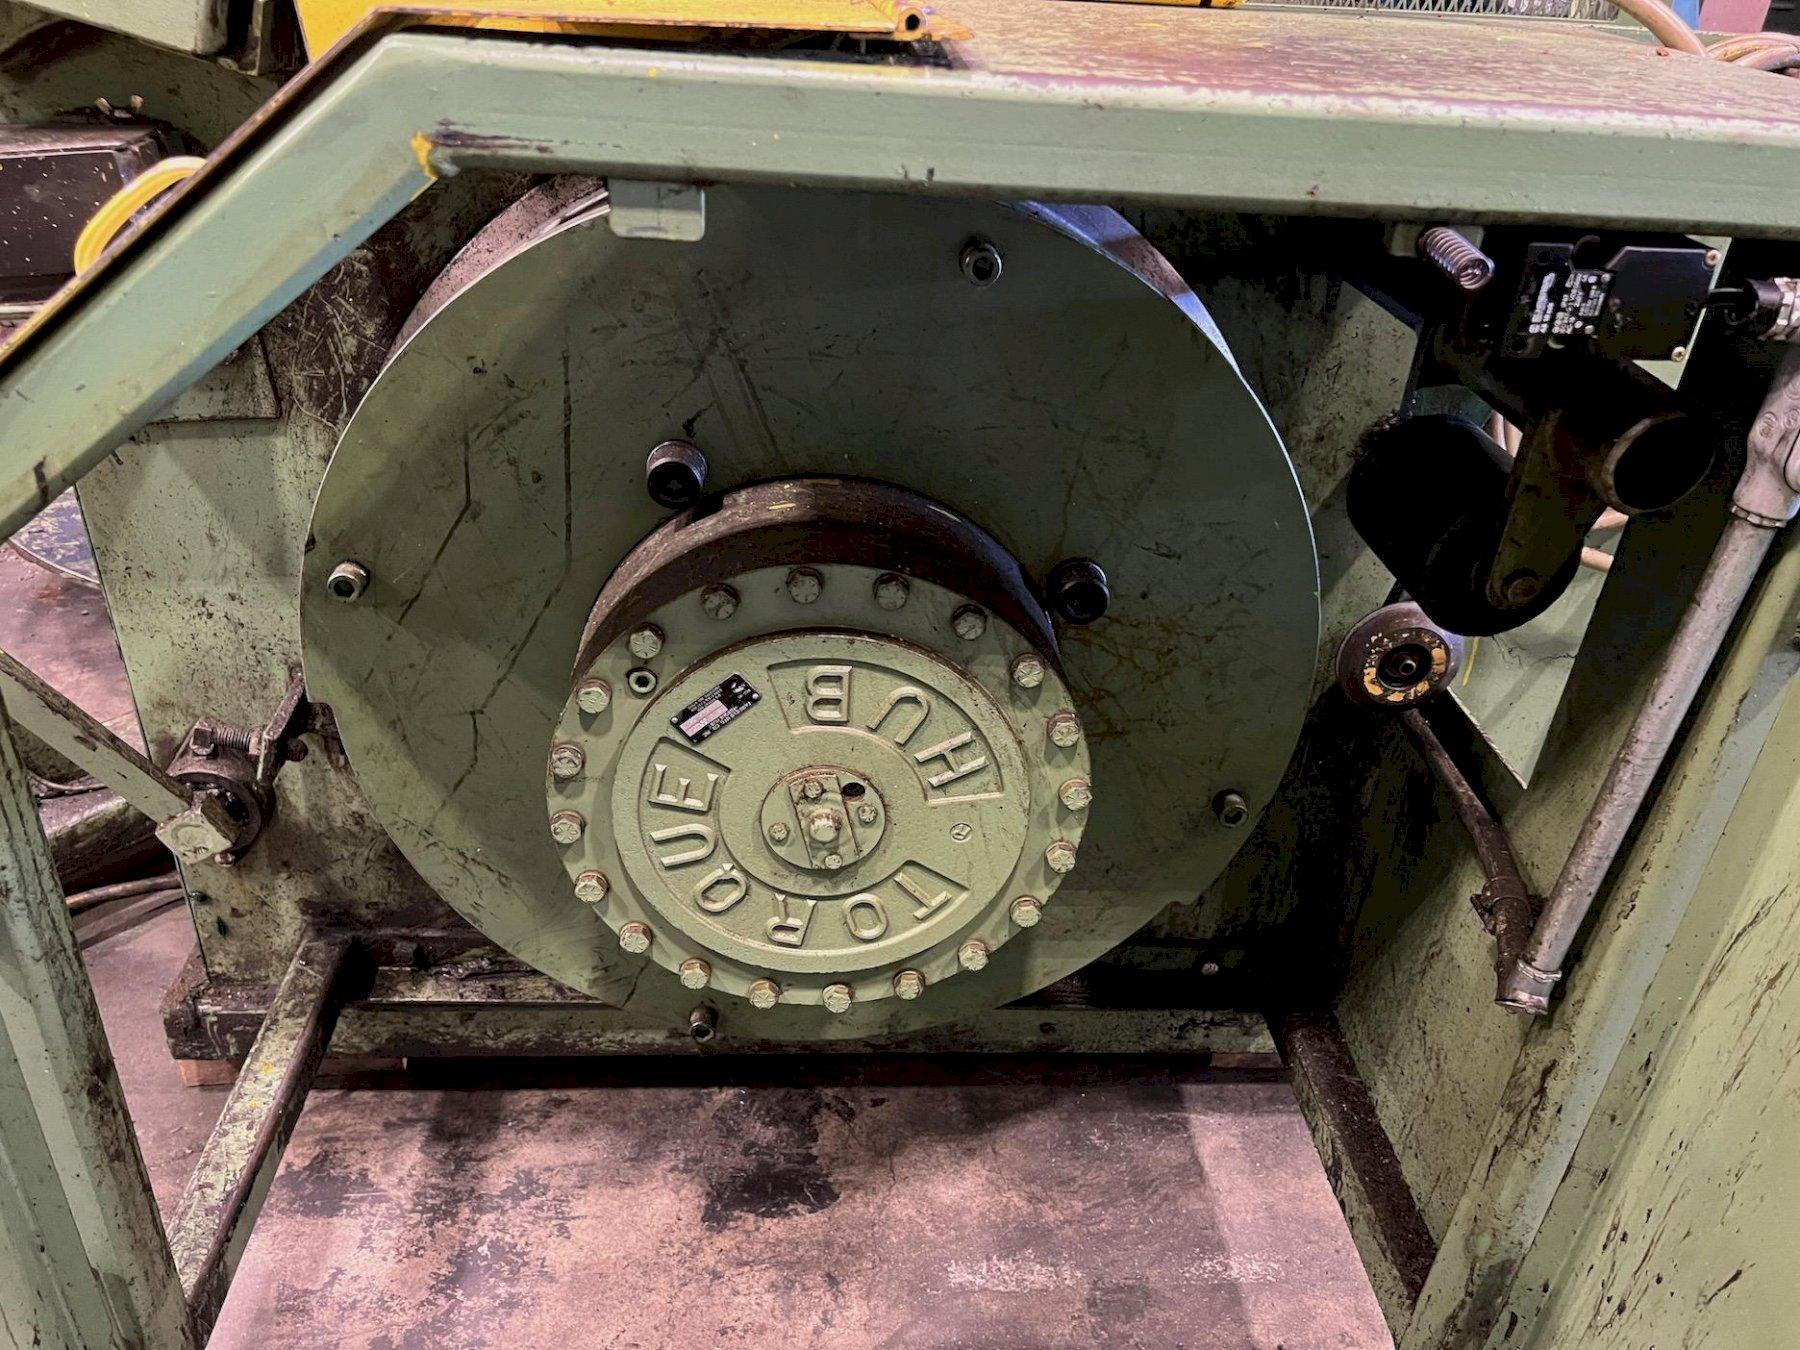 紧固件工程师型号dtva - 0530 - 28节省空间的电线抽屉